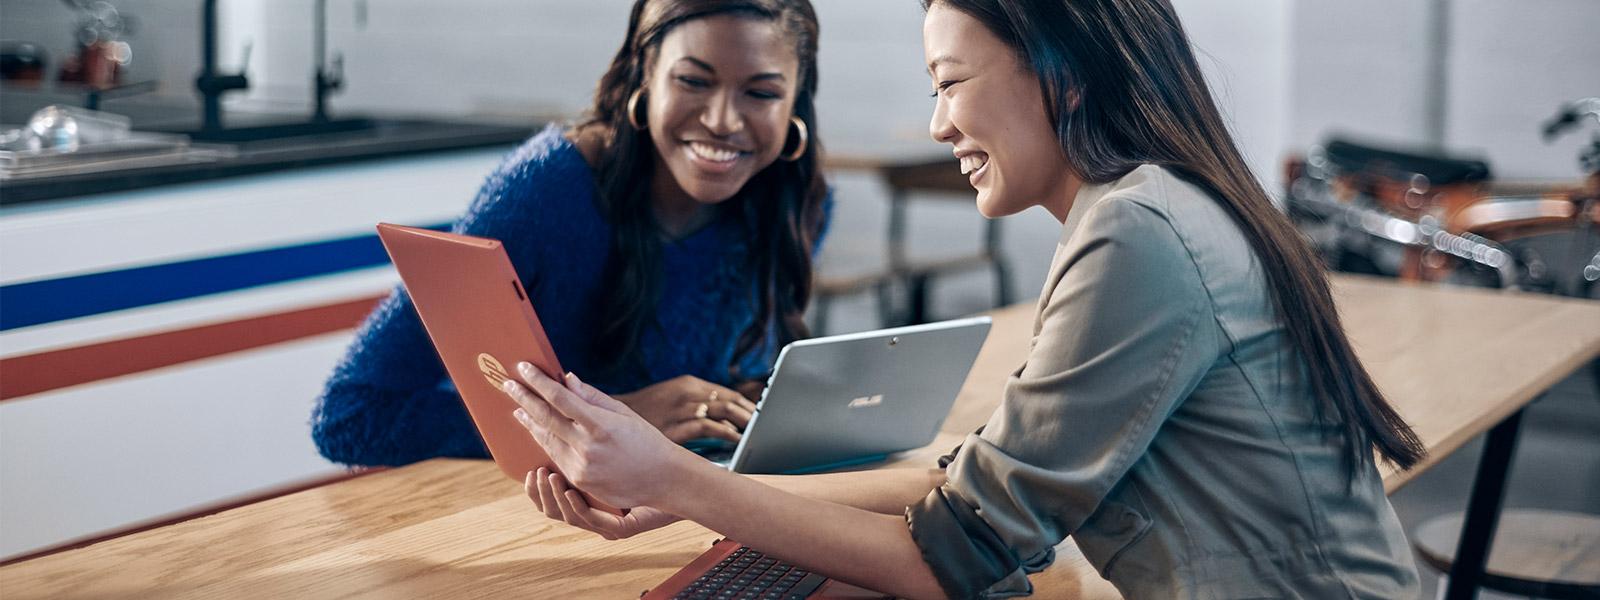 Két nő ül egy asztalnál, és egy táblagép képernyőjét nézik, amelyet egy másik nő tart fel közöttük